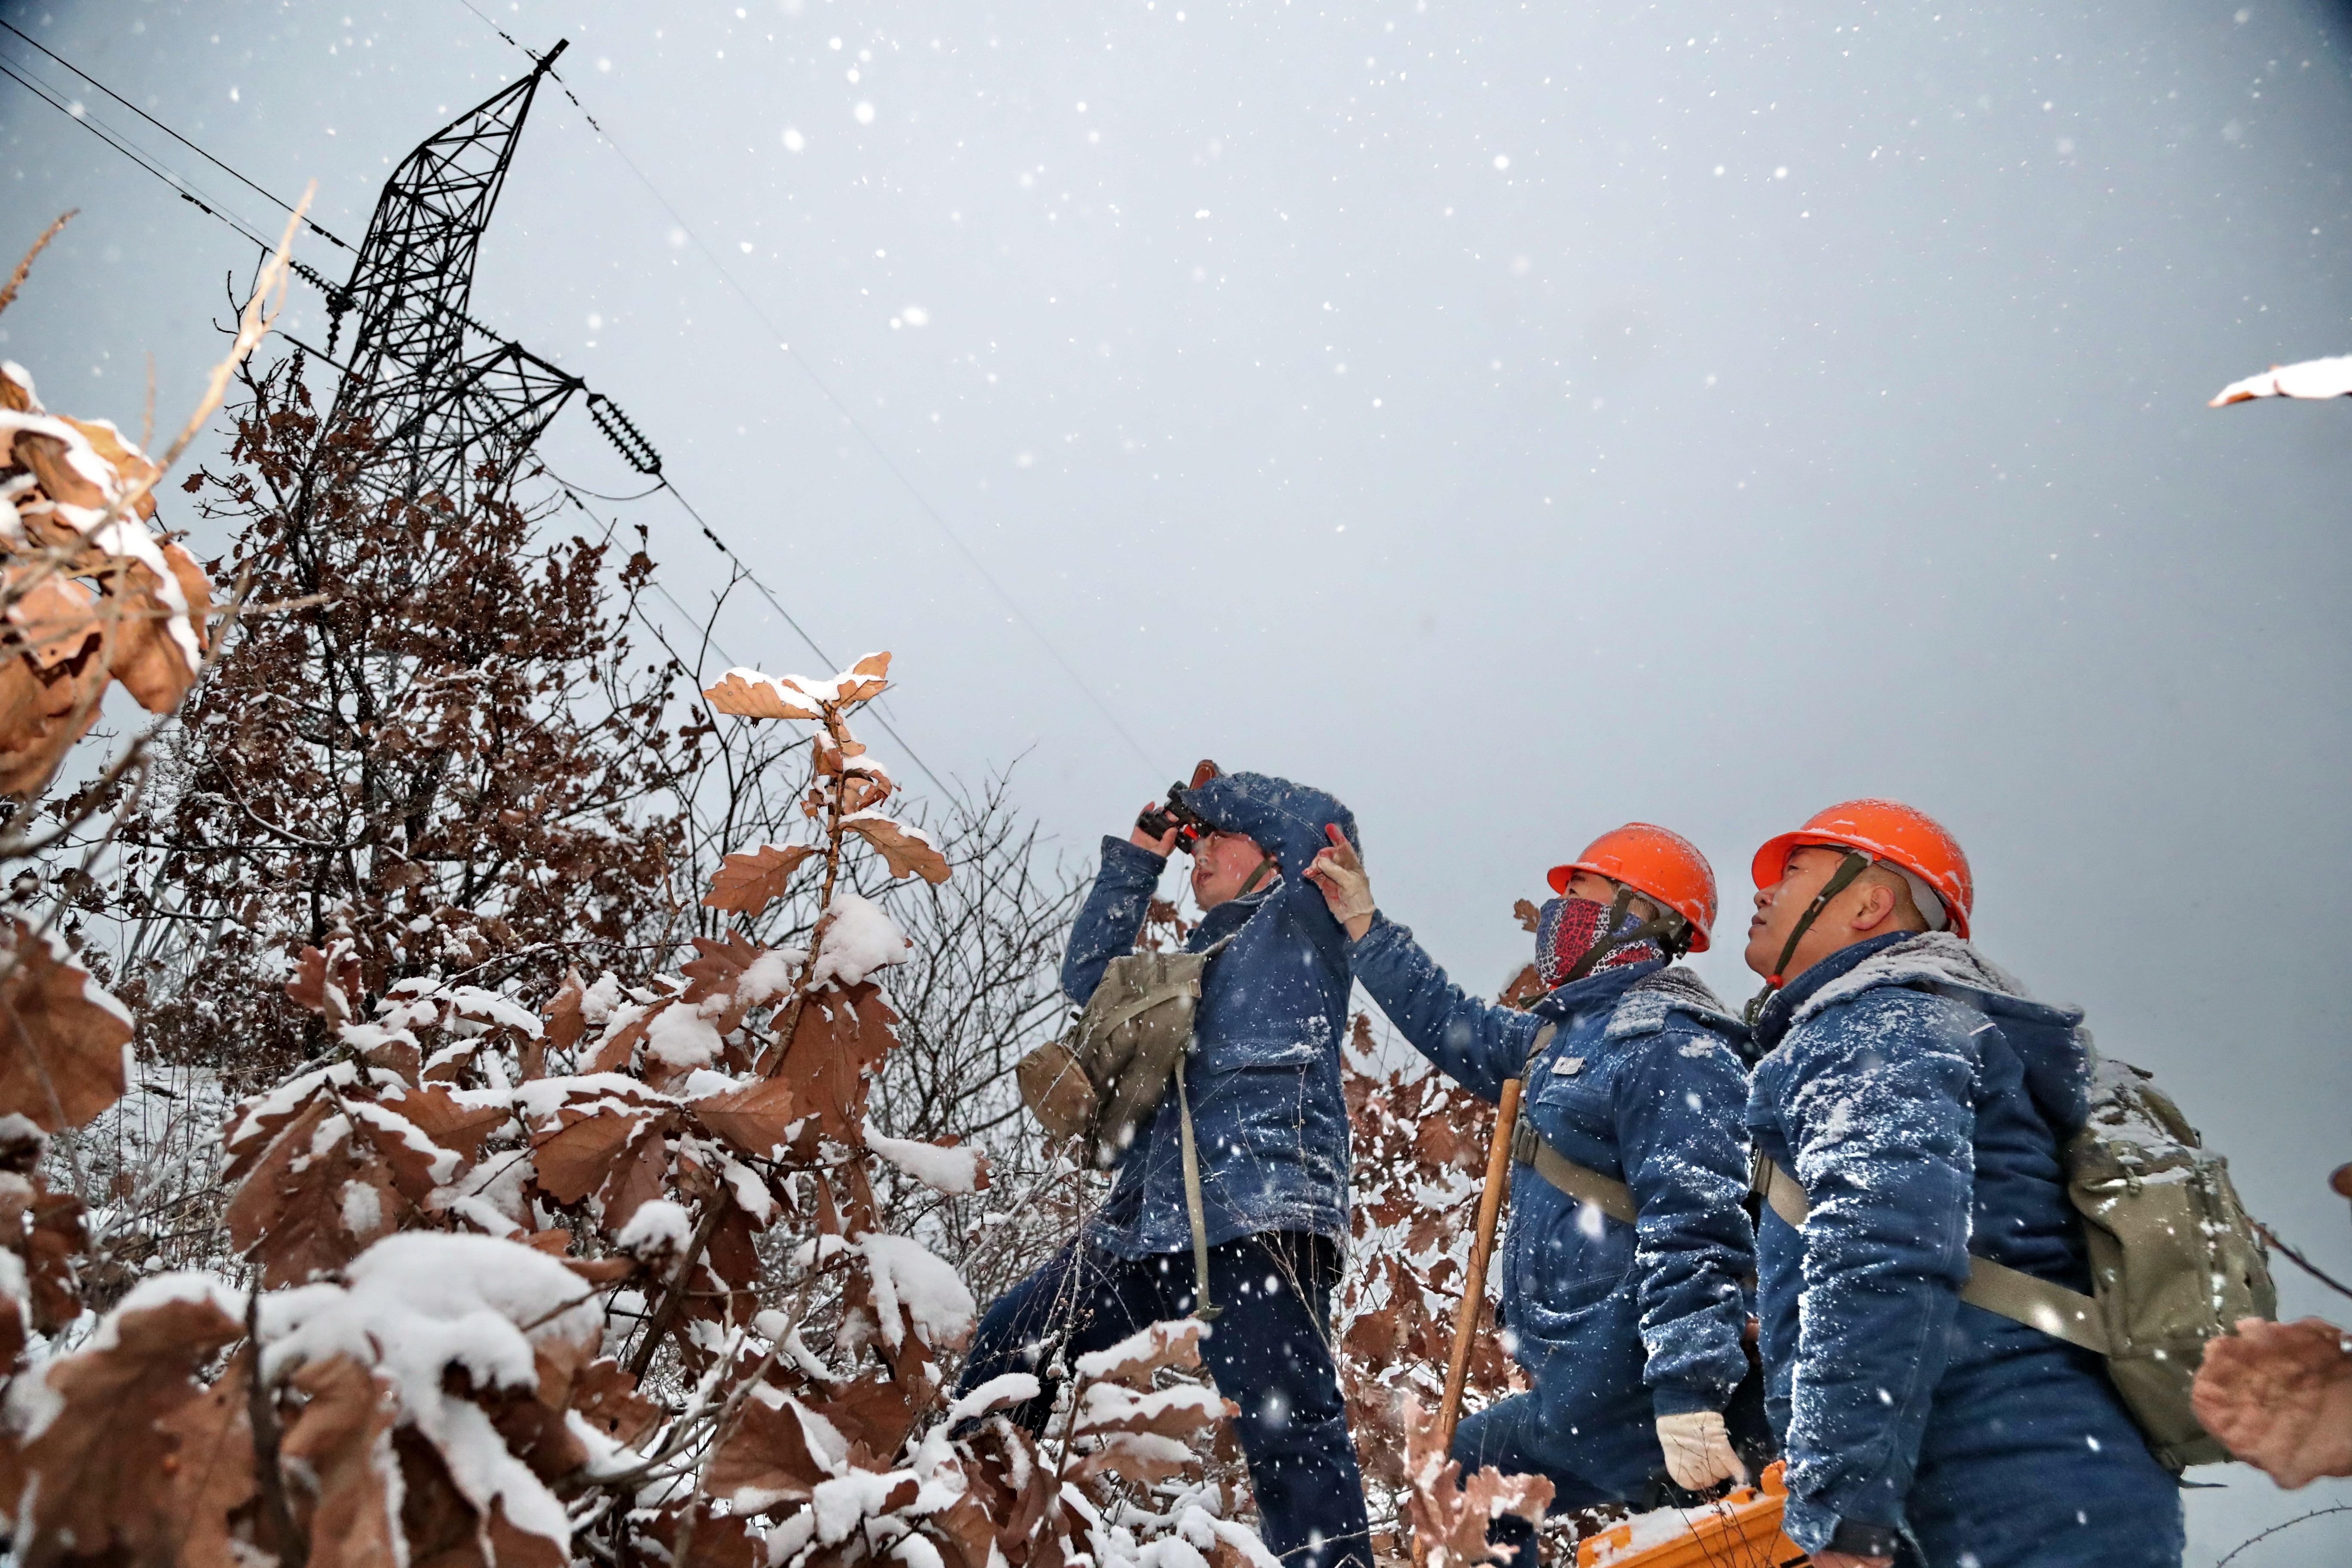 三秦居民溫暖過冬有保障 國網陜西電力人風雪無阻保供電